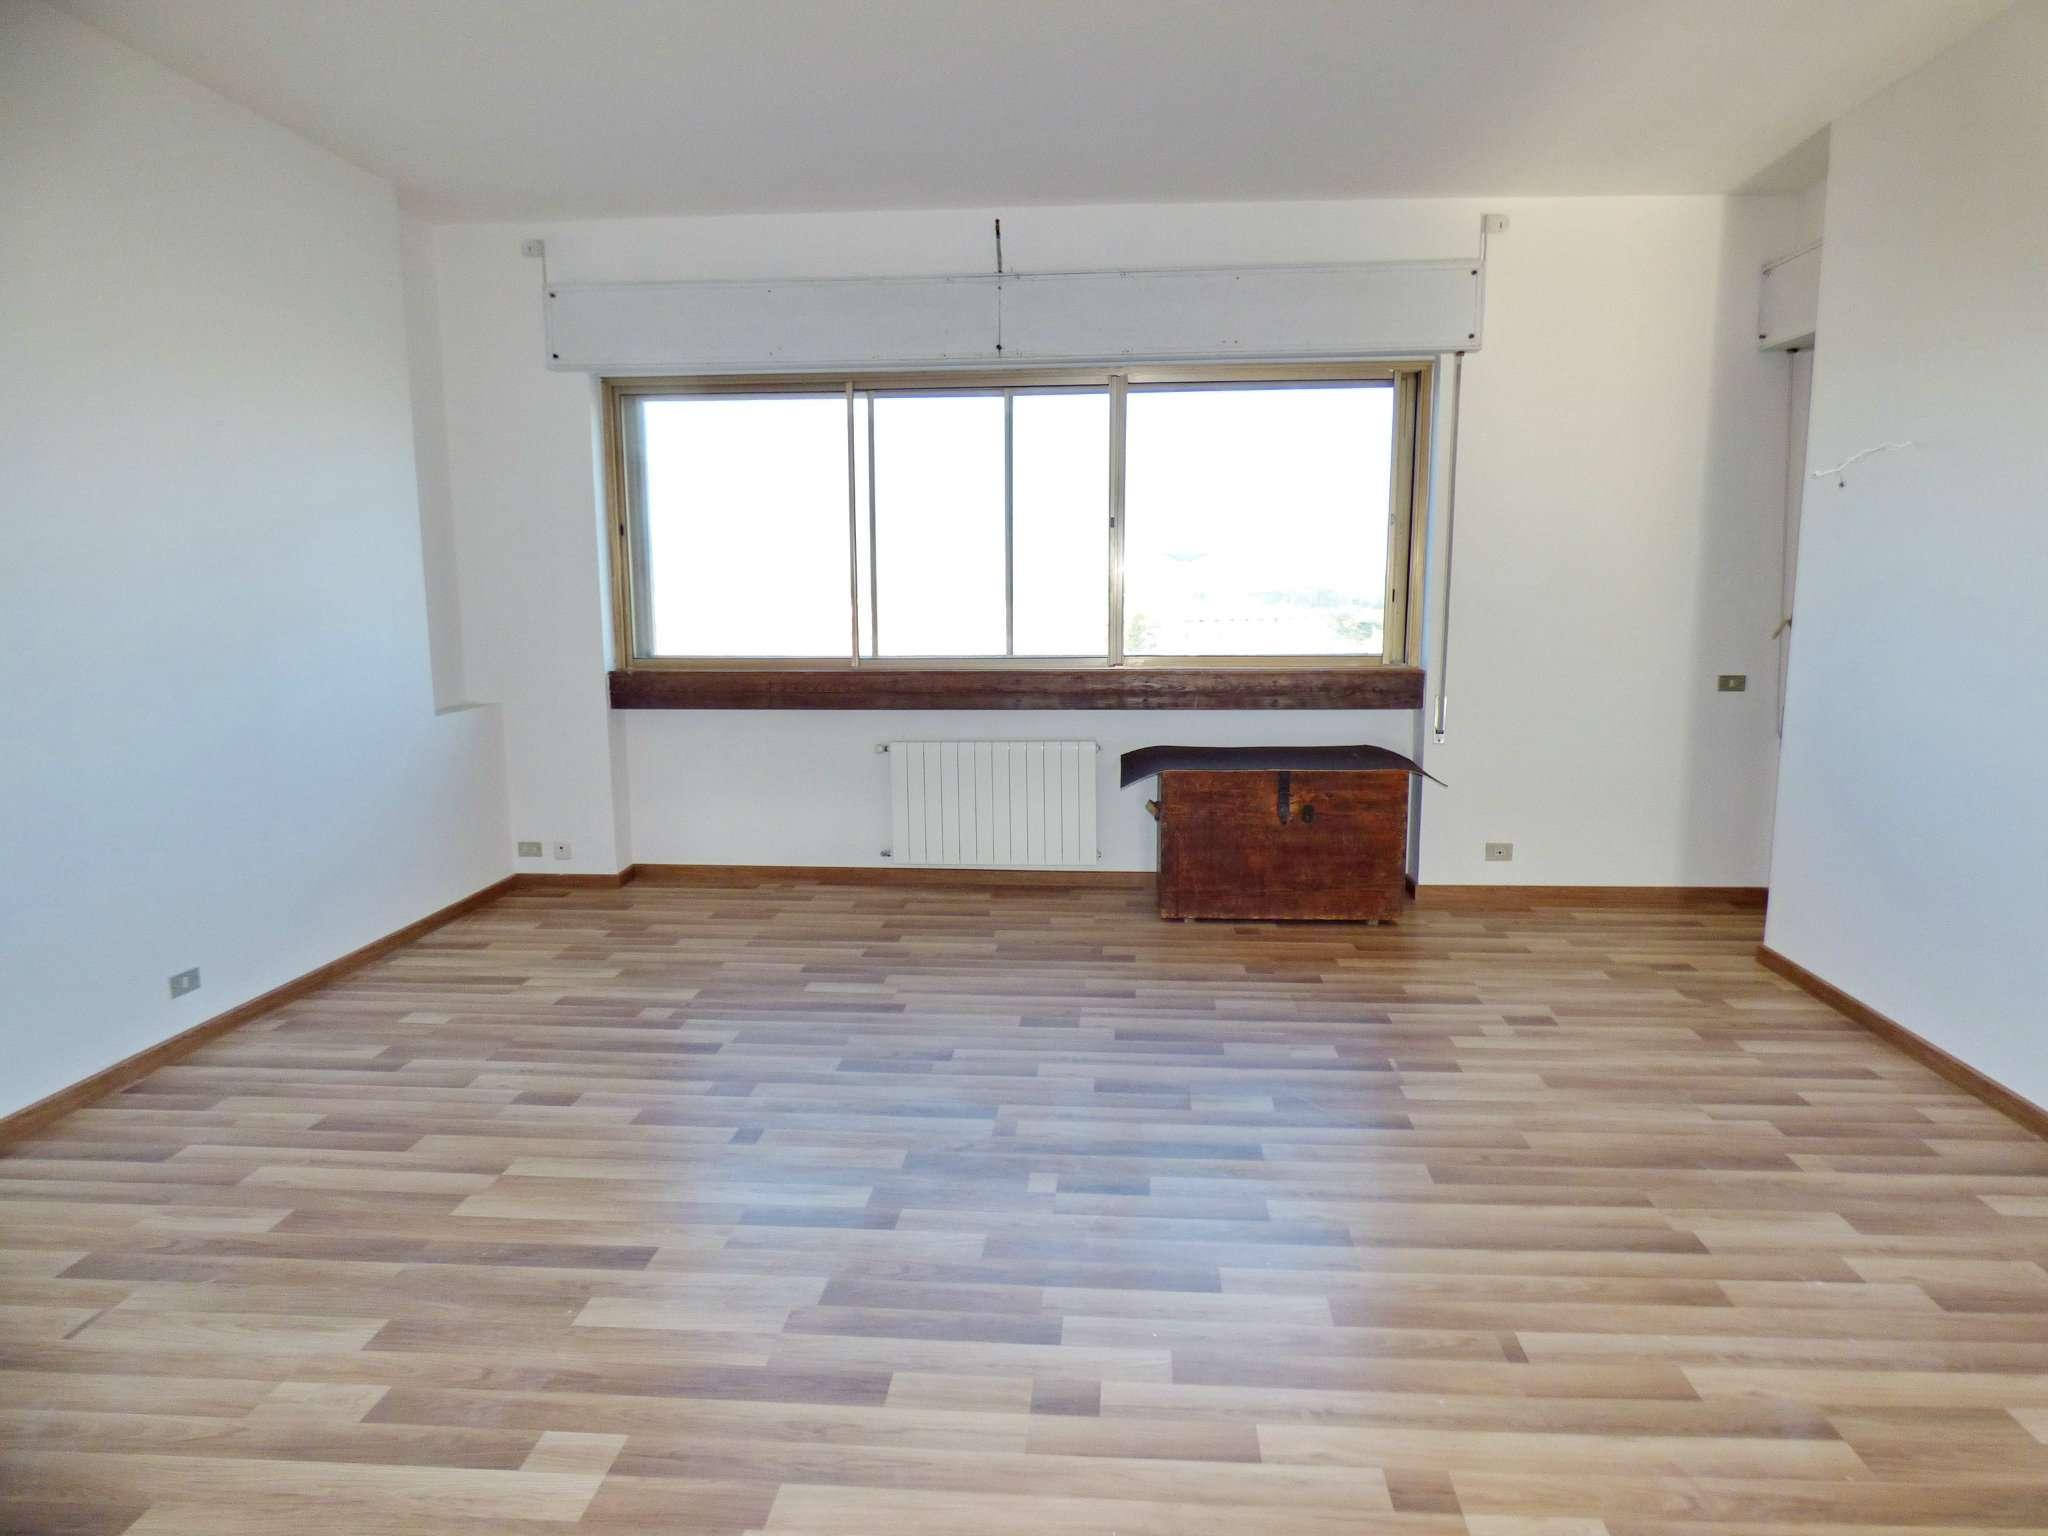 Appartamento ORISTANO vendita   Cagliari UniCredit SubitoCasa - Centro